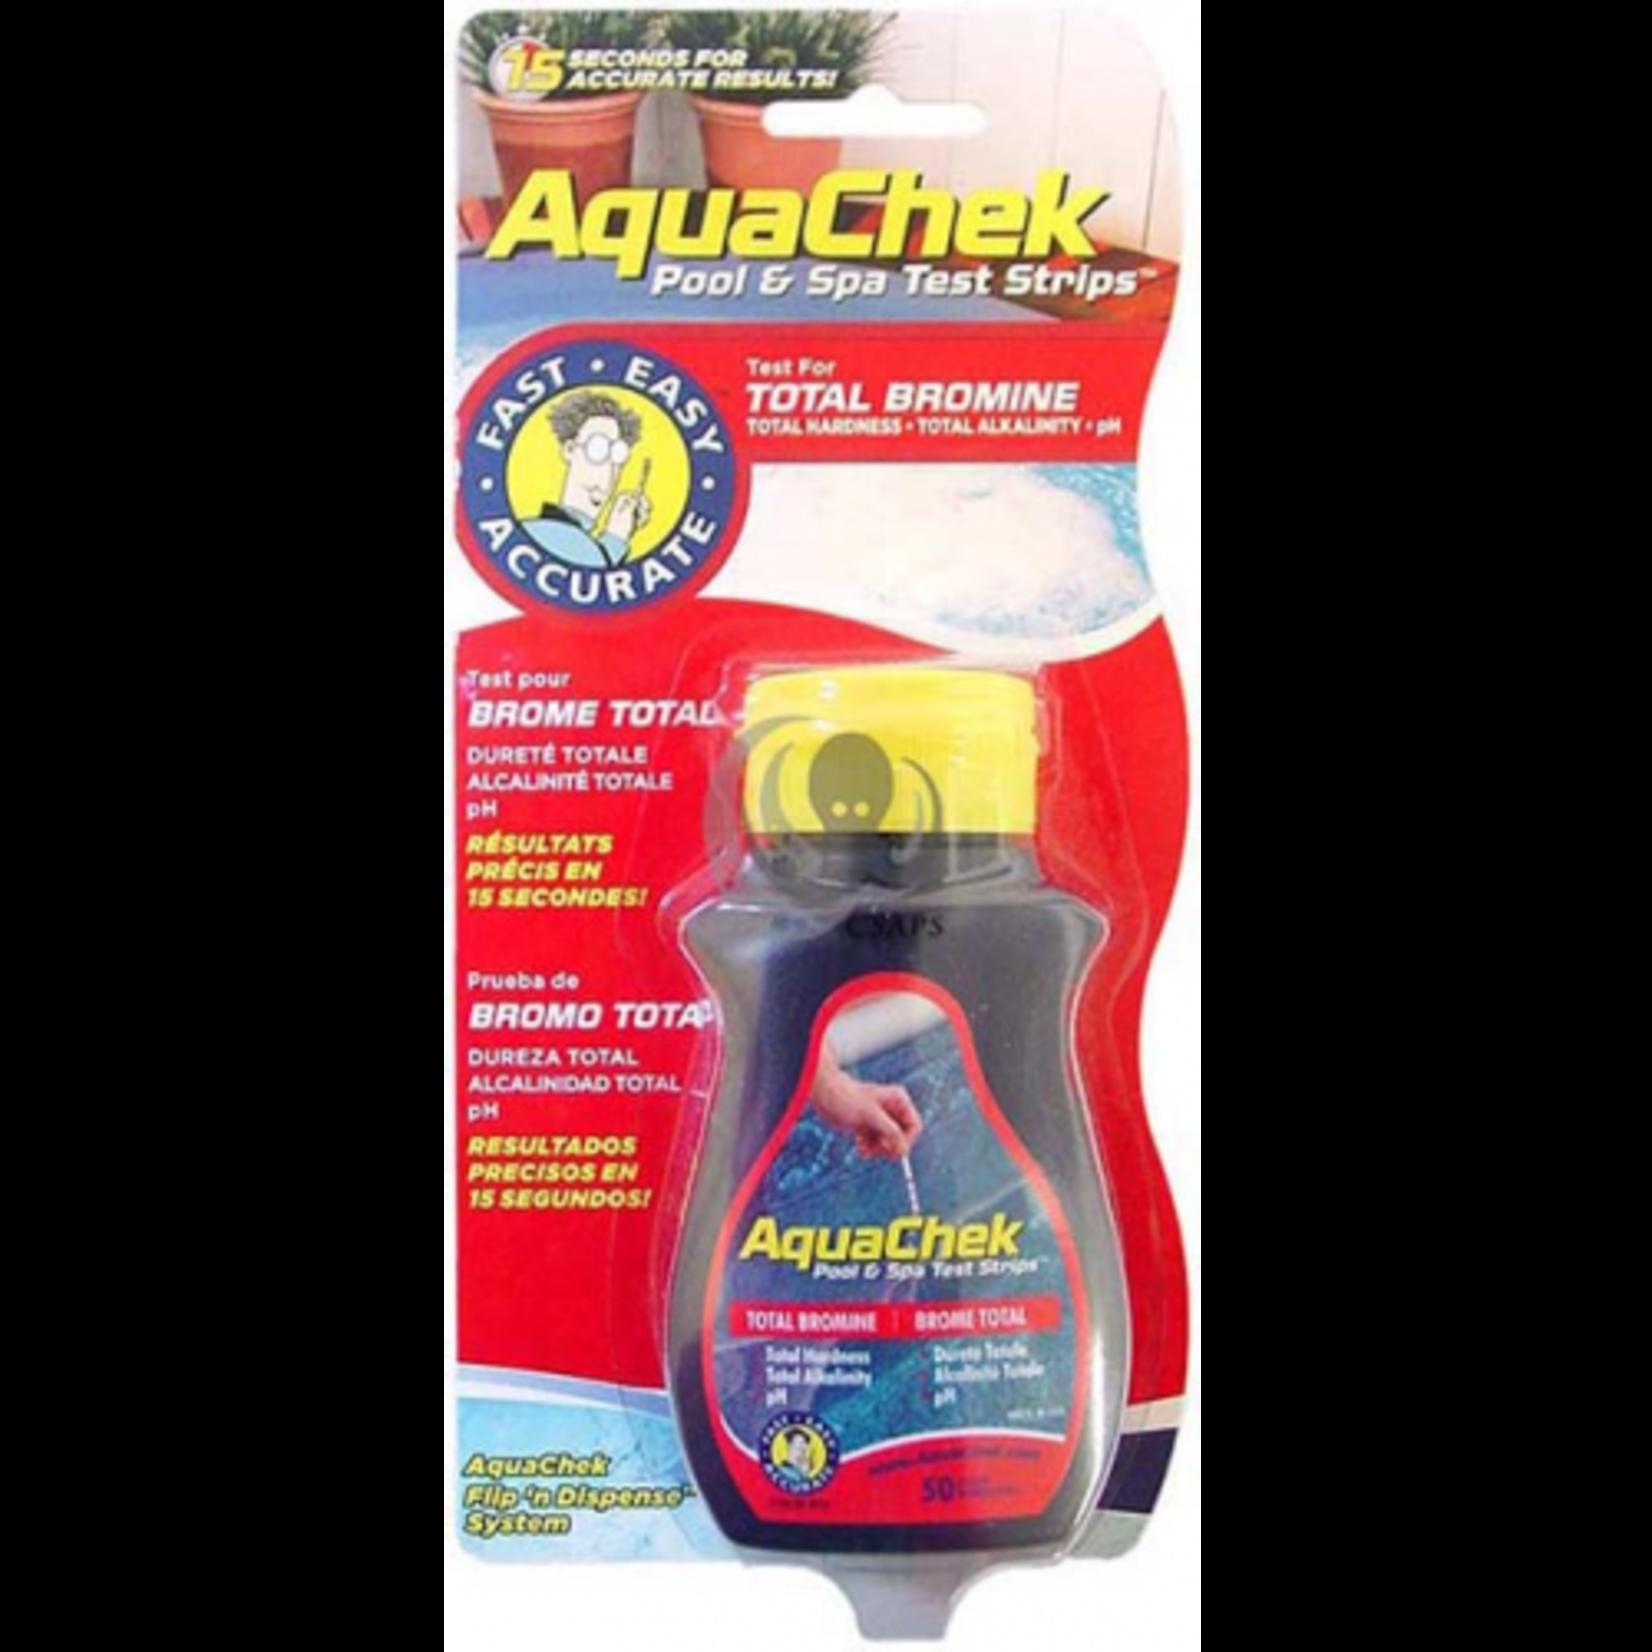 AquaChek TEST STRIPS 4-1 BROMINE